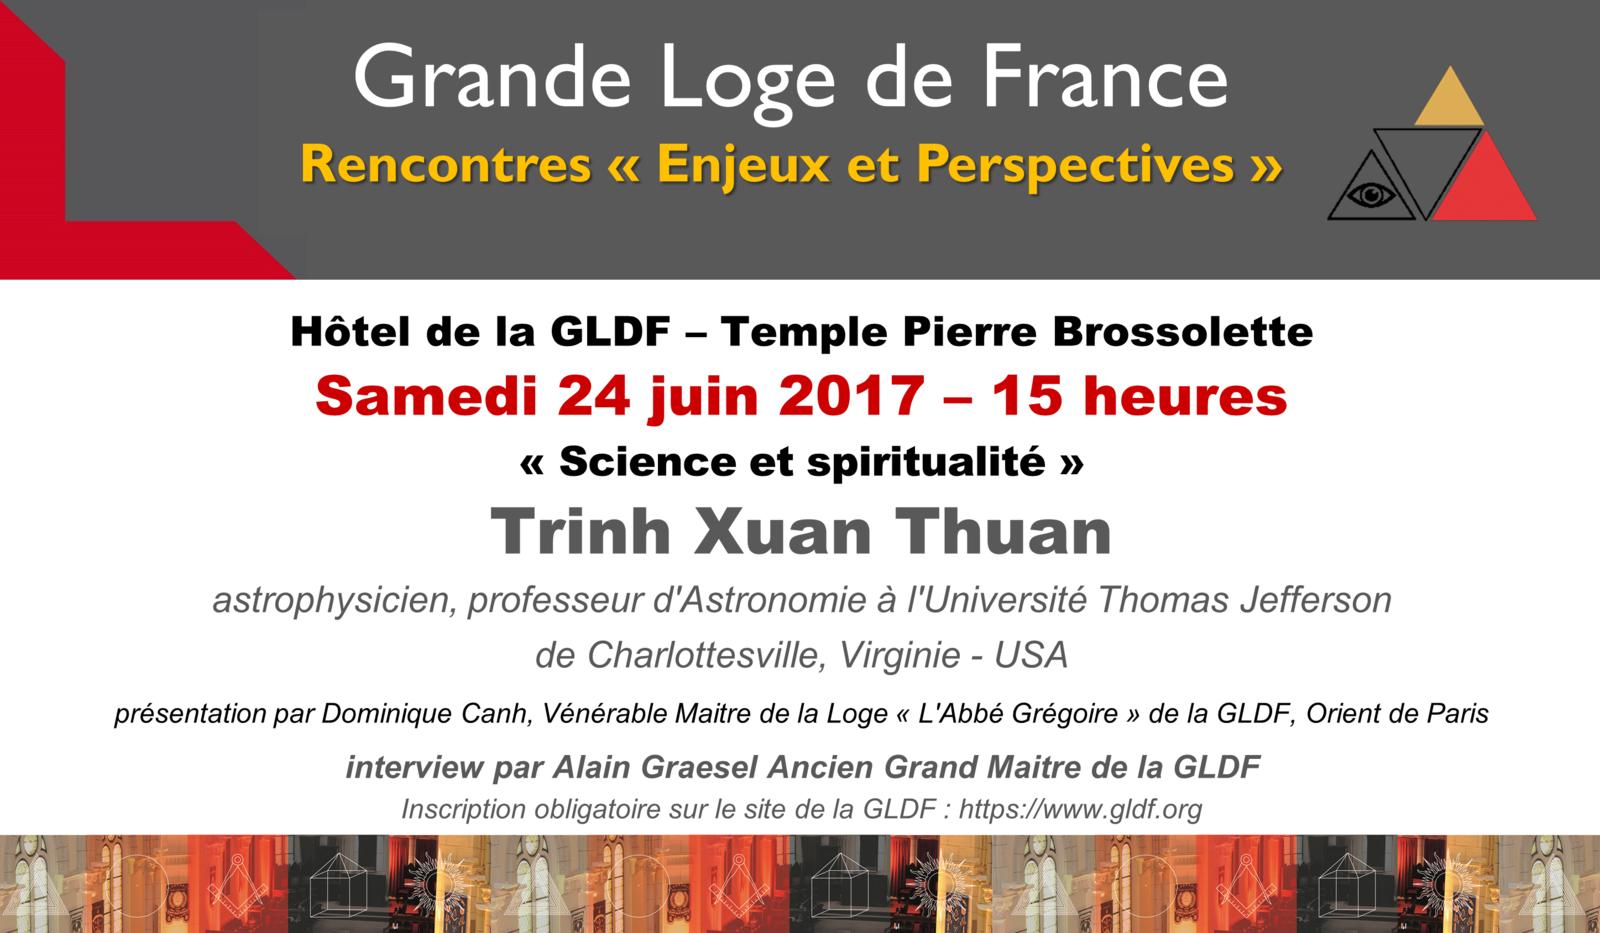 Science et Spiritualité, conférences publiques de Trinh Xuan Thuan à Paris le 24 juin 2017 et à Ronchin (Lille) le 27 juin 2017.